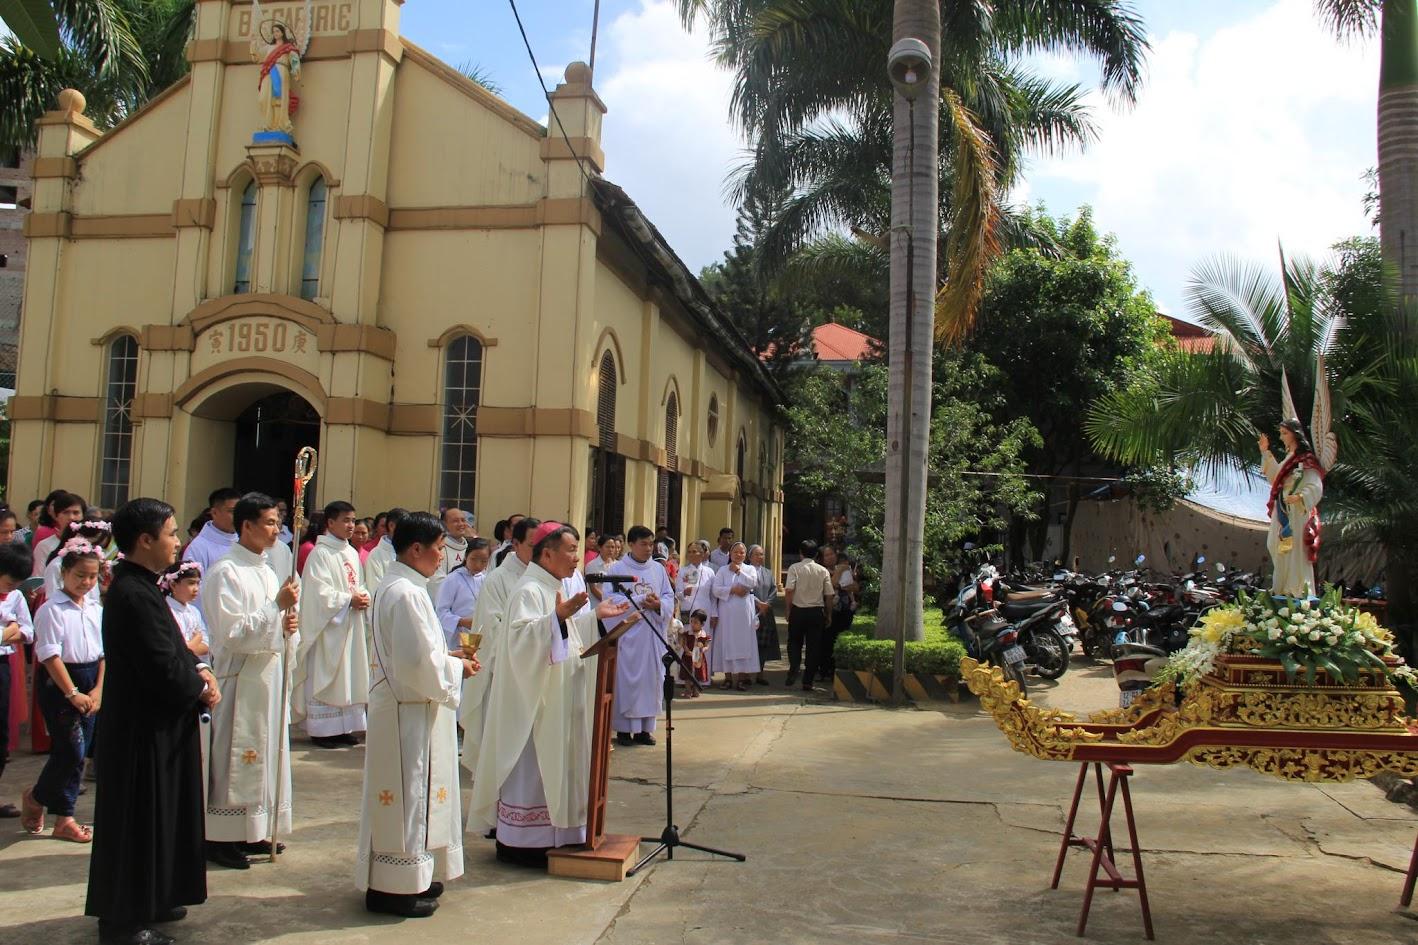 Giáo xứ Ngạn Sơn: Thánh lễ Bổn mạng và Làm phép Nhà mới - Ảnh minh hoạ 9